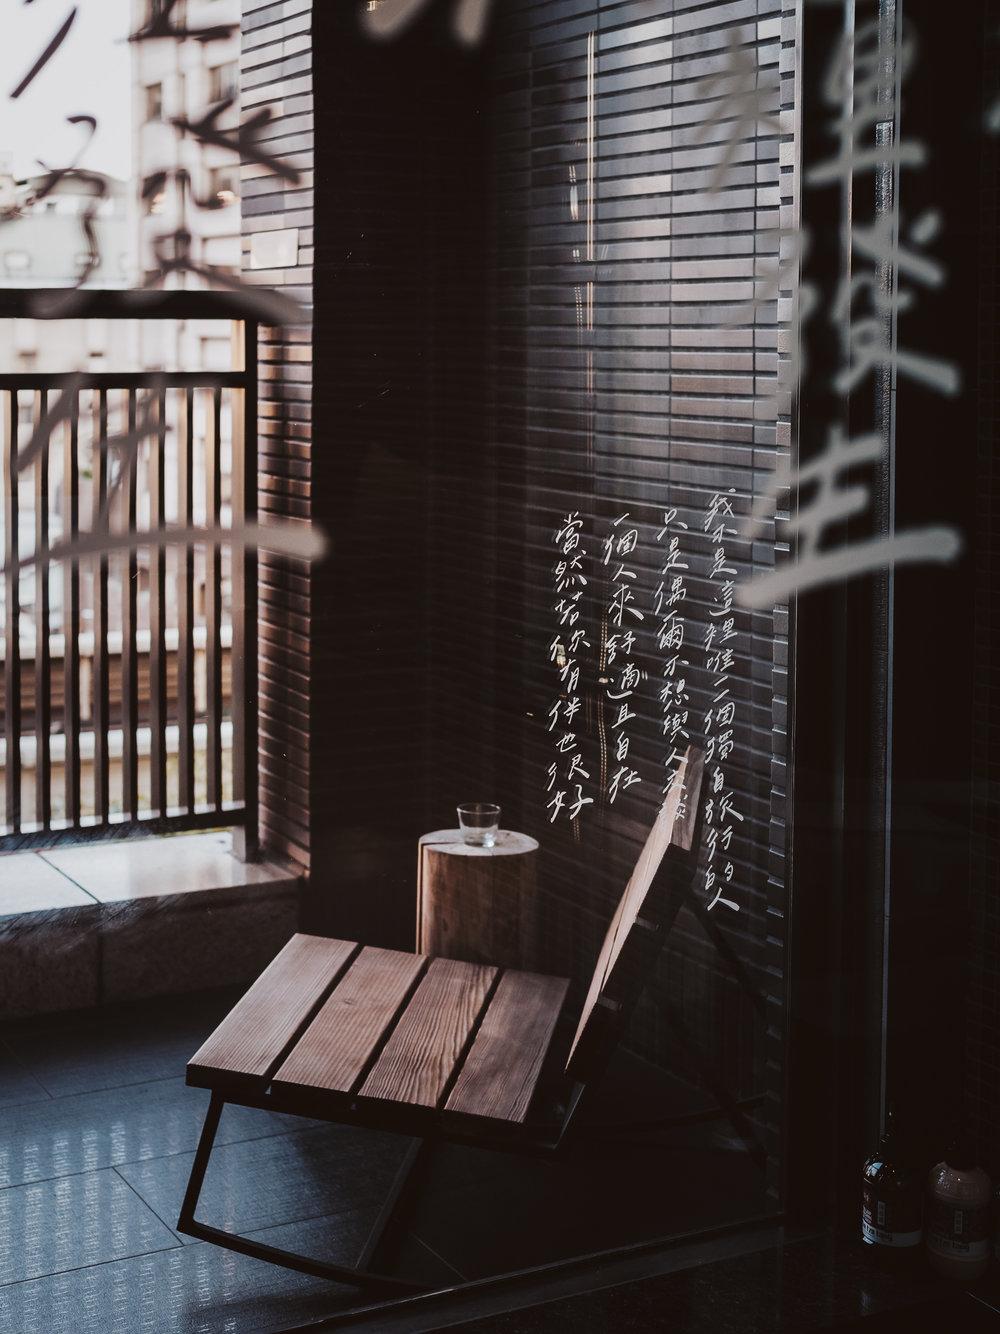 Home Hotel Da-An Interior Photography - Olympus EM1Markii 2512 - Yes! Please Enjoy-3.jpg